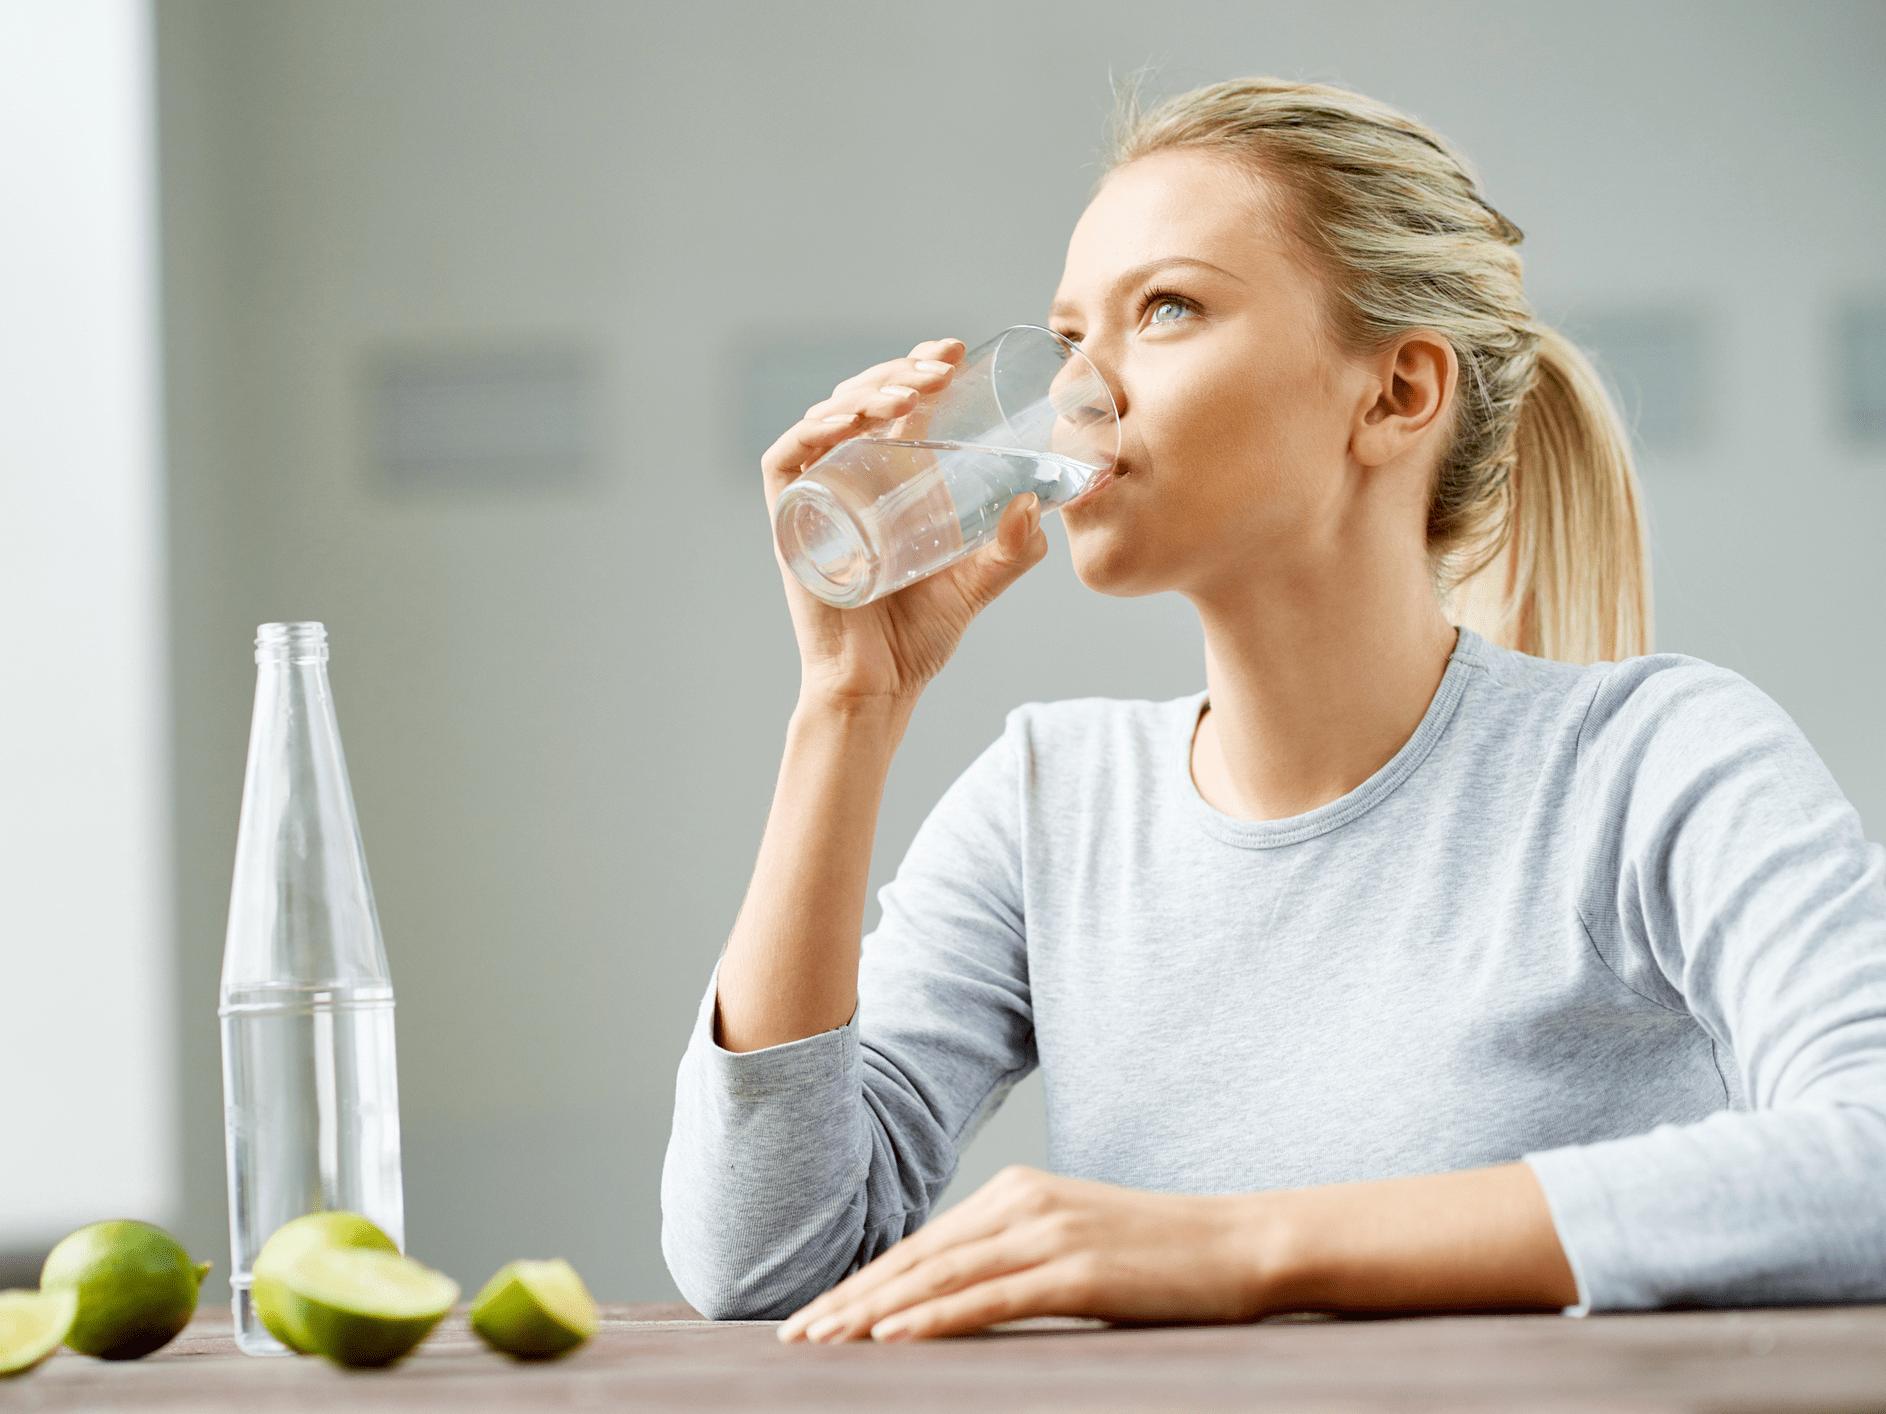 uống nhiều nước để hạ sốt